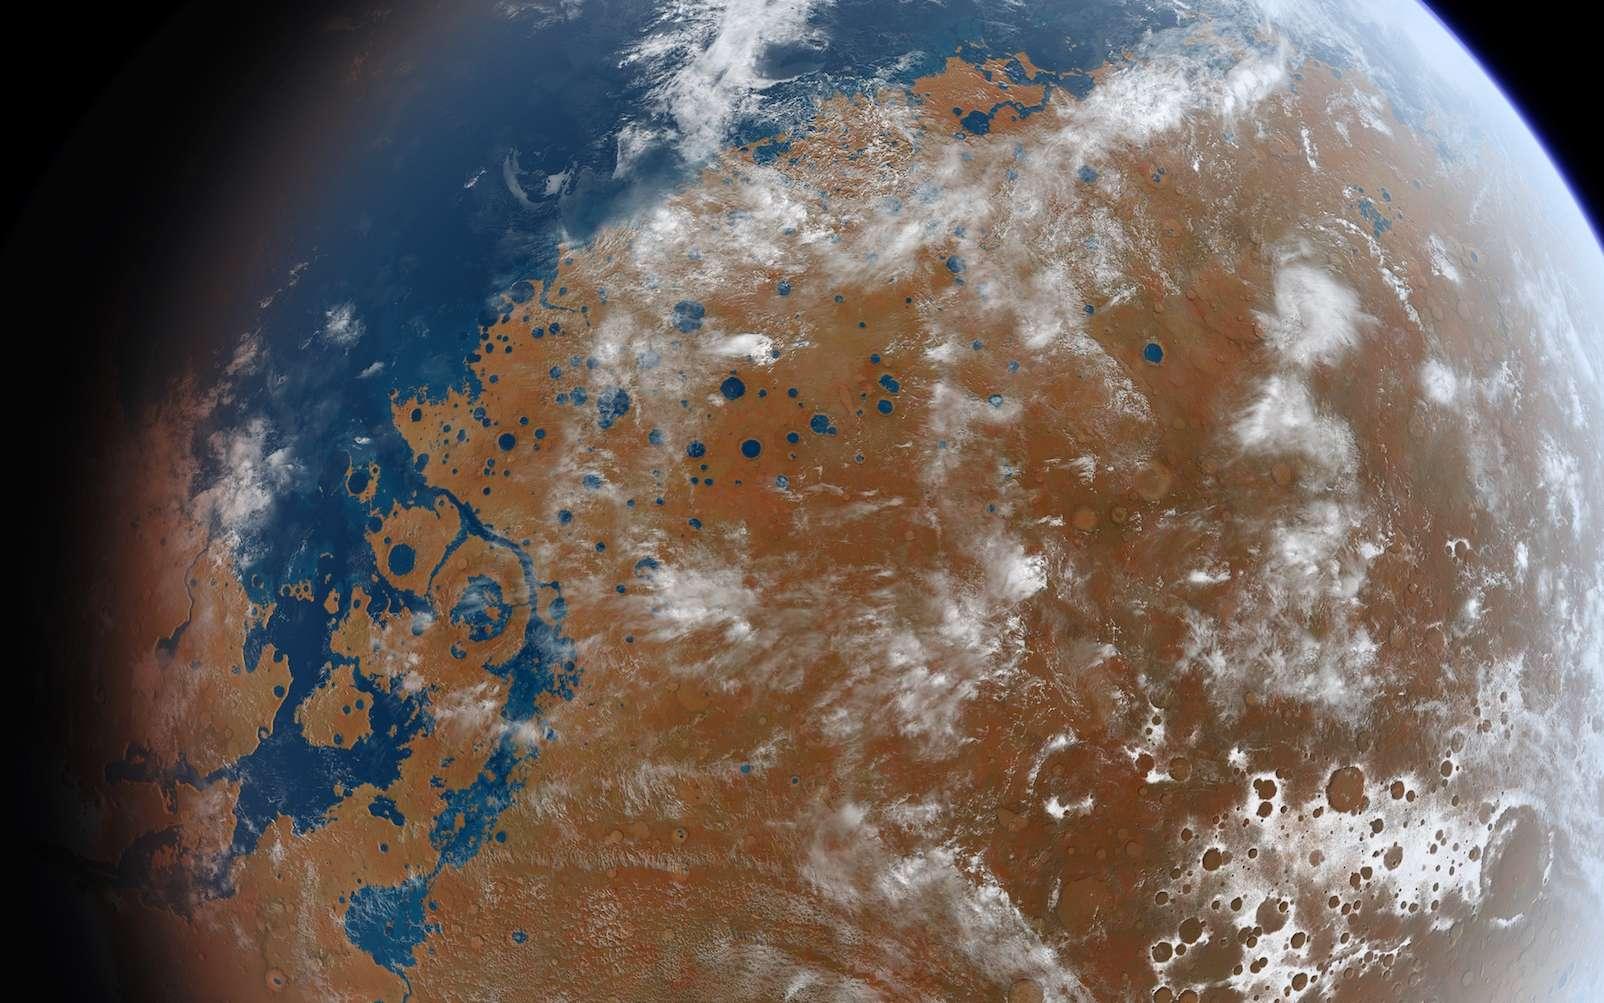 Combien de précipitations Mars a-t-elle connues ? © Ittiz, Wikimedia Commons, CC-by-SA 3.0